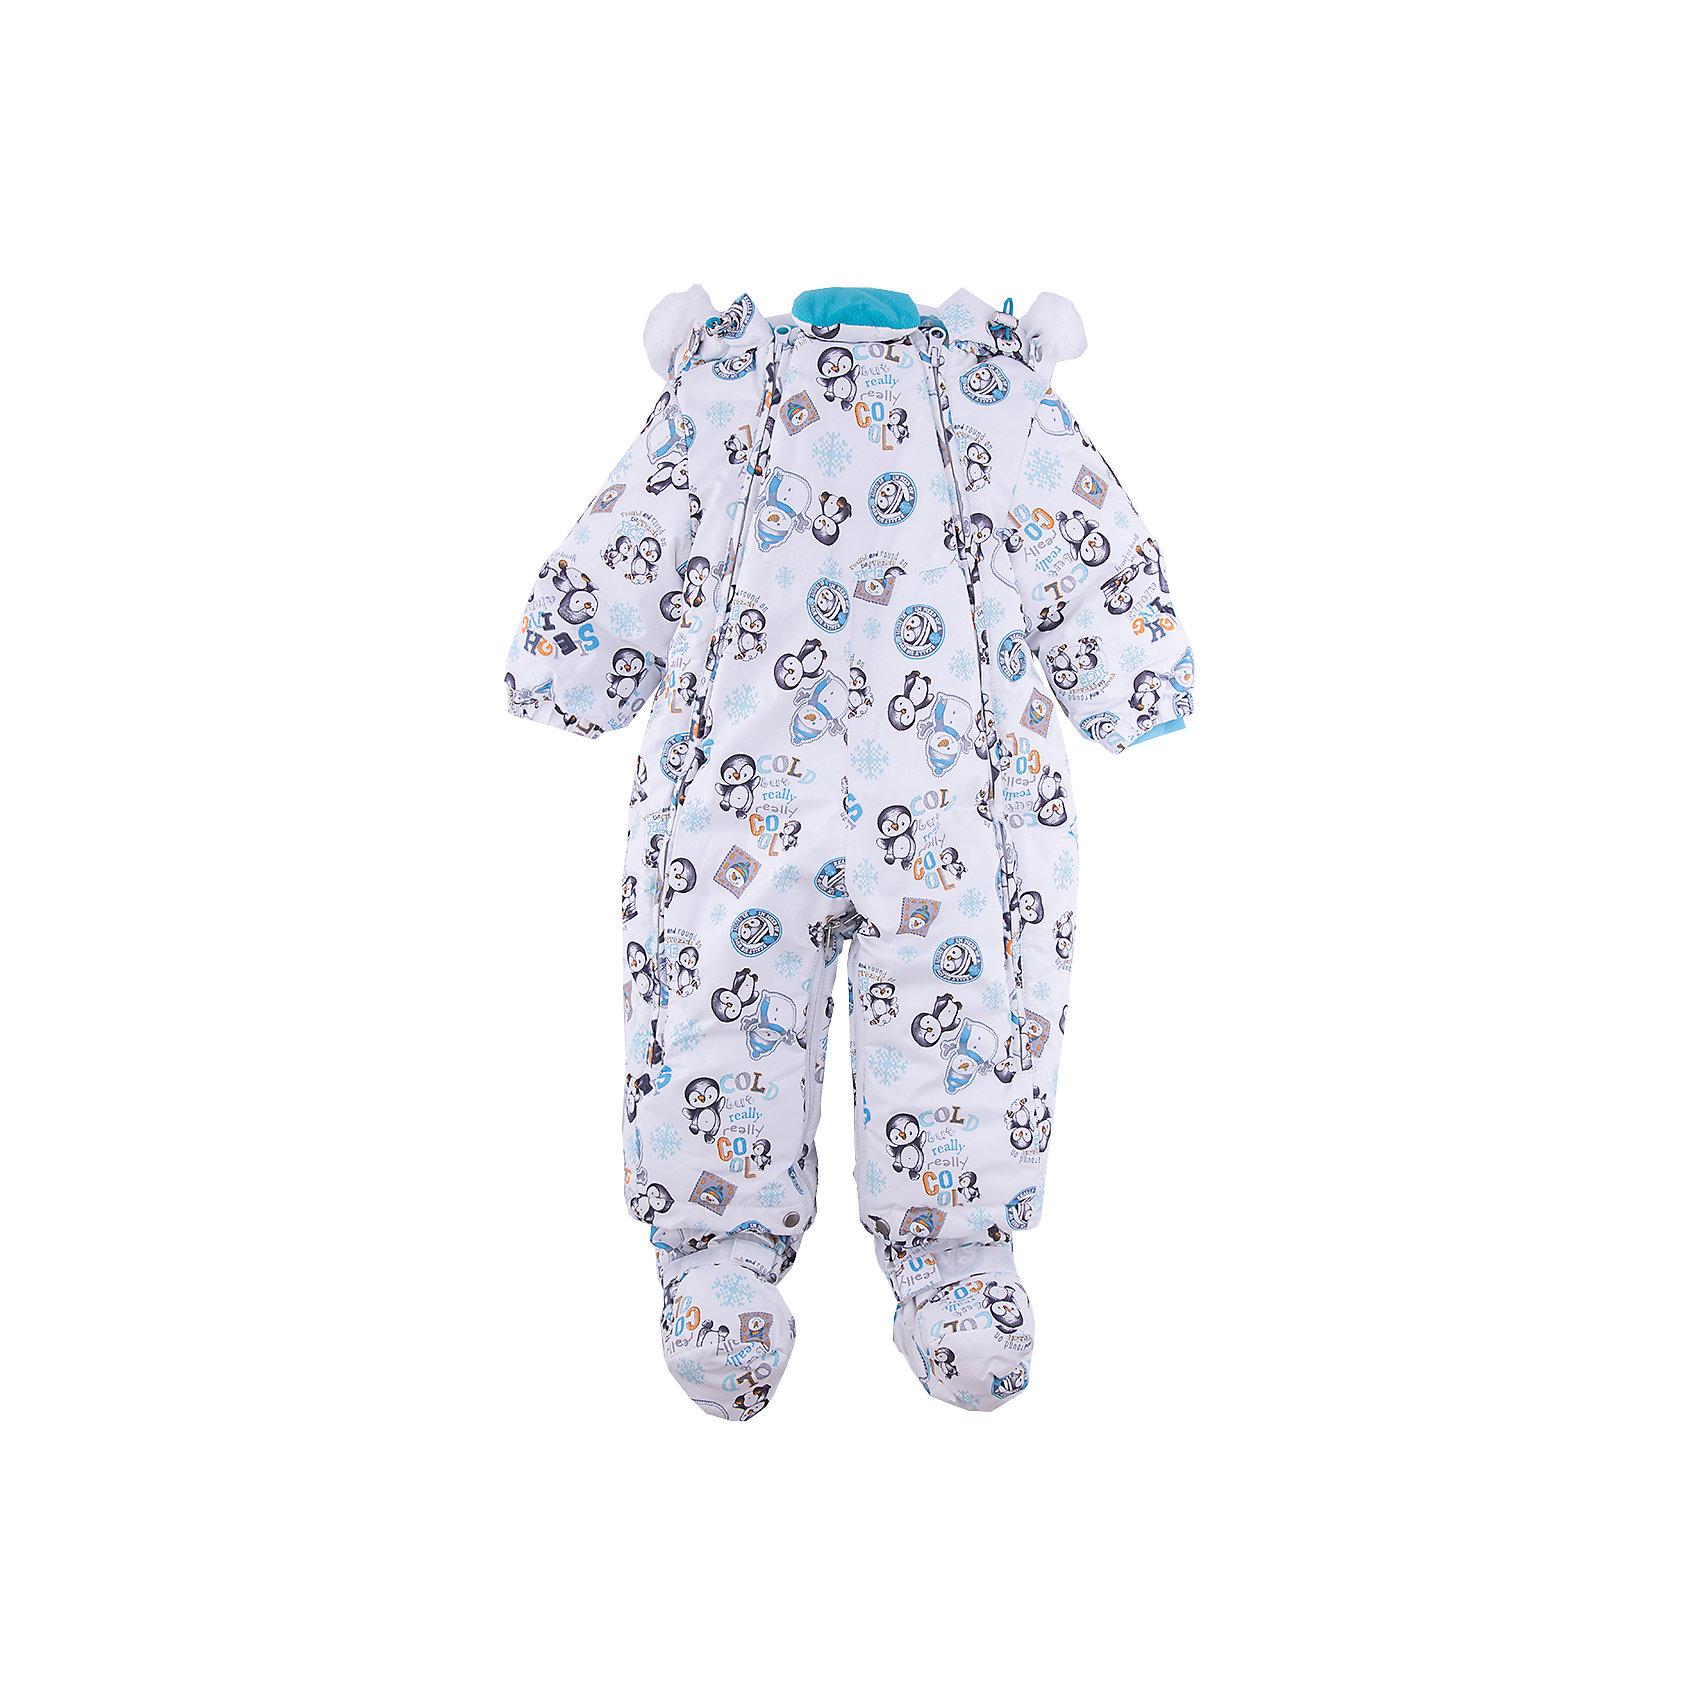 Комбинезон-трансформер Вилли Batik для мальчикаВерхняя одежда<br>Характеристики товара:<br><br>• цвет: голубой<br>• состав ткани: Poly 051 lamination<br>• подкладка: поларфлис<br>• утеплитель: слайтекс, овчина <br>• сезон: зима<br>• мембранное покрытие<br>• температурный режим: от -35 до 0<br>• водонепроницаемость: 5000 мм <br>• паропроницаемость: 5000 г/м2<br>• плотность утеплителя: 260 г/м2<br>• застежка: молния<br>• капюшон: с мехом<br>• пинетки, опушка и подстежка отстегиваются<br>• трансформируется в конверт<br>• страна бренда: Россия<br>• страна изготовитель: Россия<br><br>Верх этого детского комбинезона не промокает и не продувается. Мягкая подкладка детского комбинезона-трансформера для зимы приятна на ощупь. Удобный мембранный комбинезон-трансформер для мальчика дополнен съемными пинетками. Комбинезон-трансформер позволяет создать комфортный микроклимат даже в сильные морозы.<br><br>Комбинезон-трансформер Вилли Batik (Батик) для мальчика можно купить в нашем интернет-магазине.<br><br>Ширина мм: 356<br>Глубина мм: 10<br>Высота мм: 245<br>Вес г: 519<br>Цвет: голубой<br>Возраст от месяцев: 12<br>Возраст до месяцев: 15<br>Пол: Мужской<br>Возраст: Детский<br>Размер: 80,74<br>SKU: 7027963